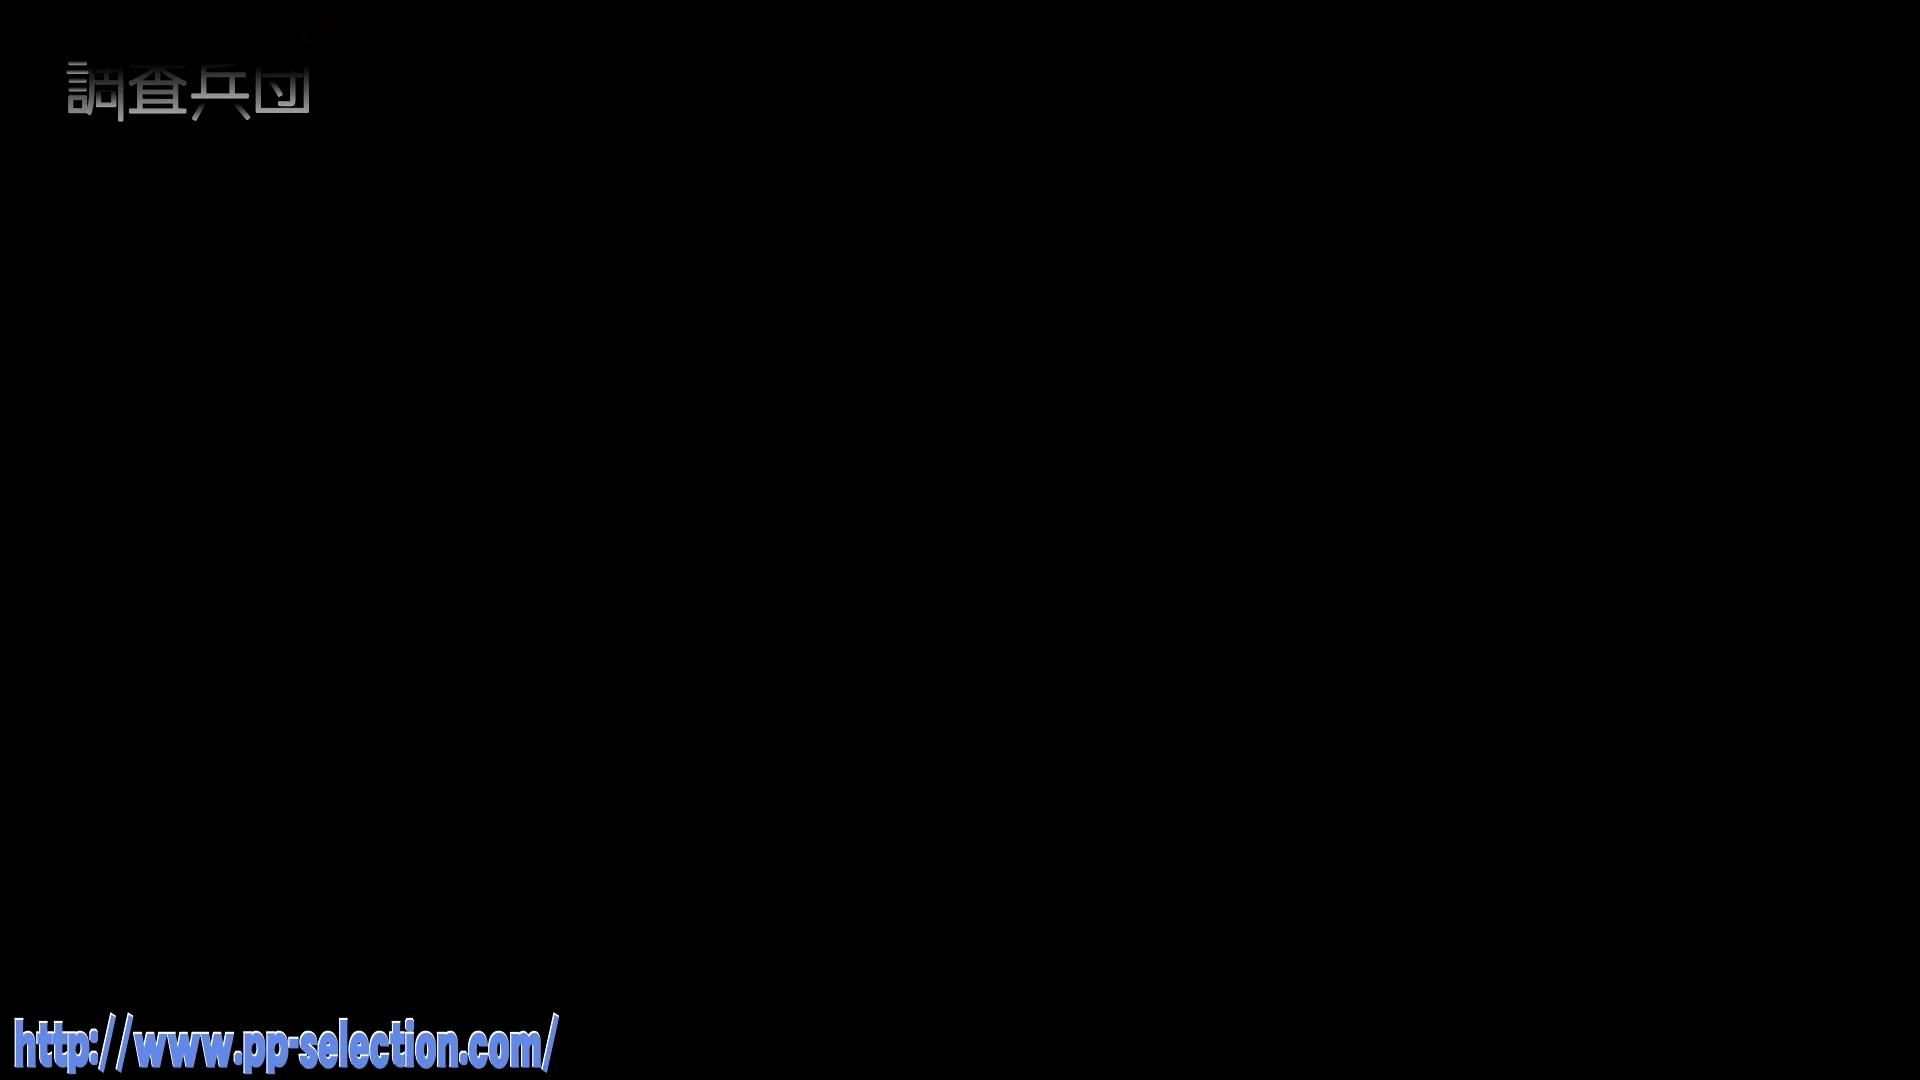 ~反撃の悪戯~vol.34 何にも知らないアニヲタの子【後編】 OLの実態 | 反撃の悪戯  95pic 23